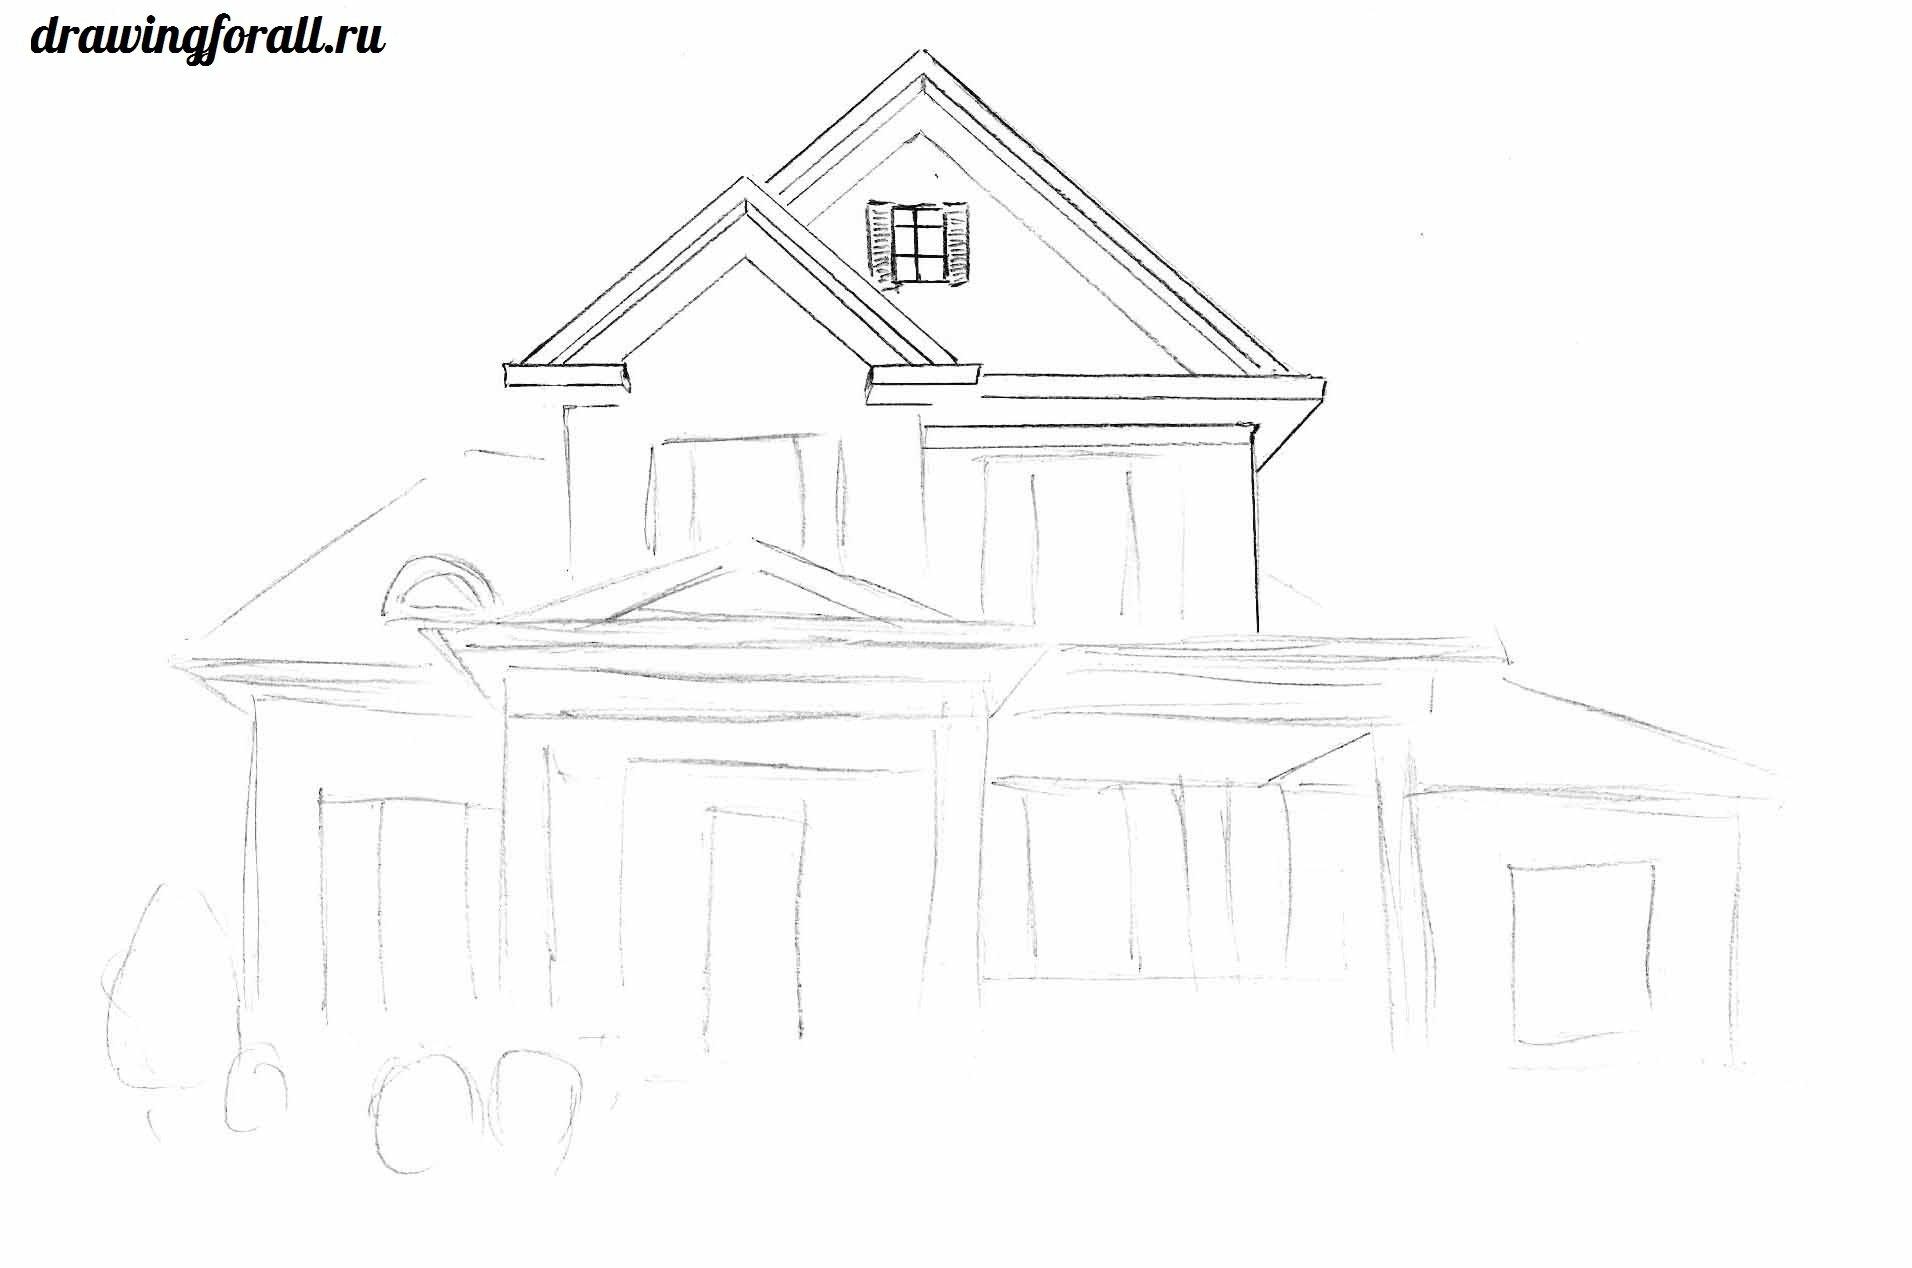 дом нарисованный карандашом